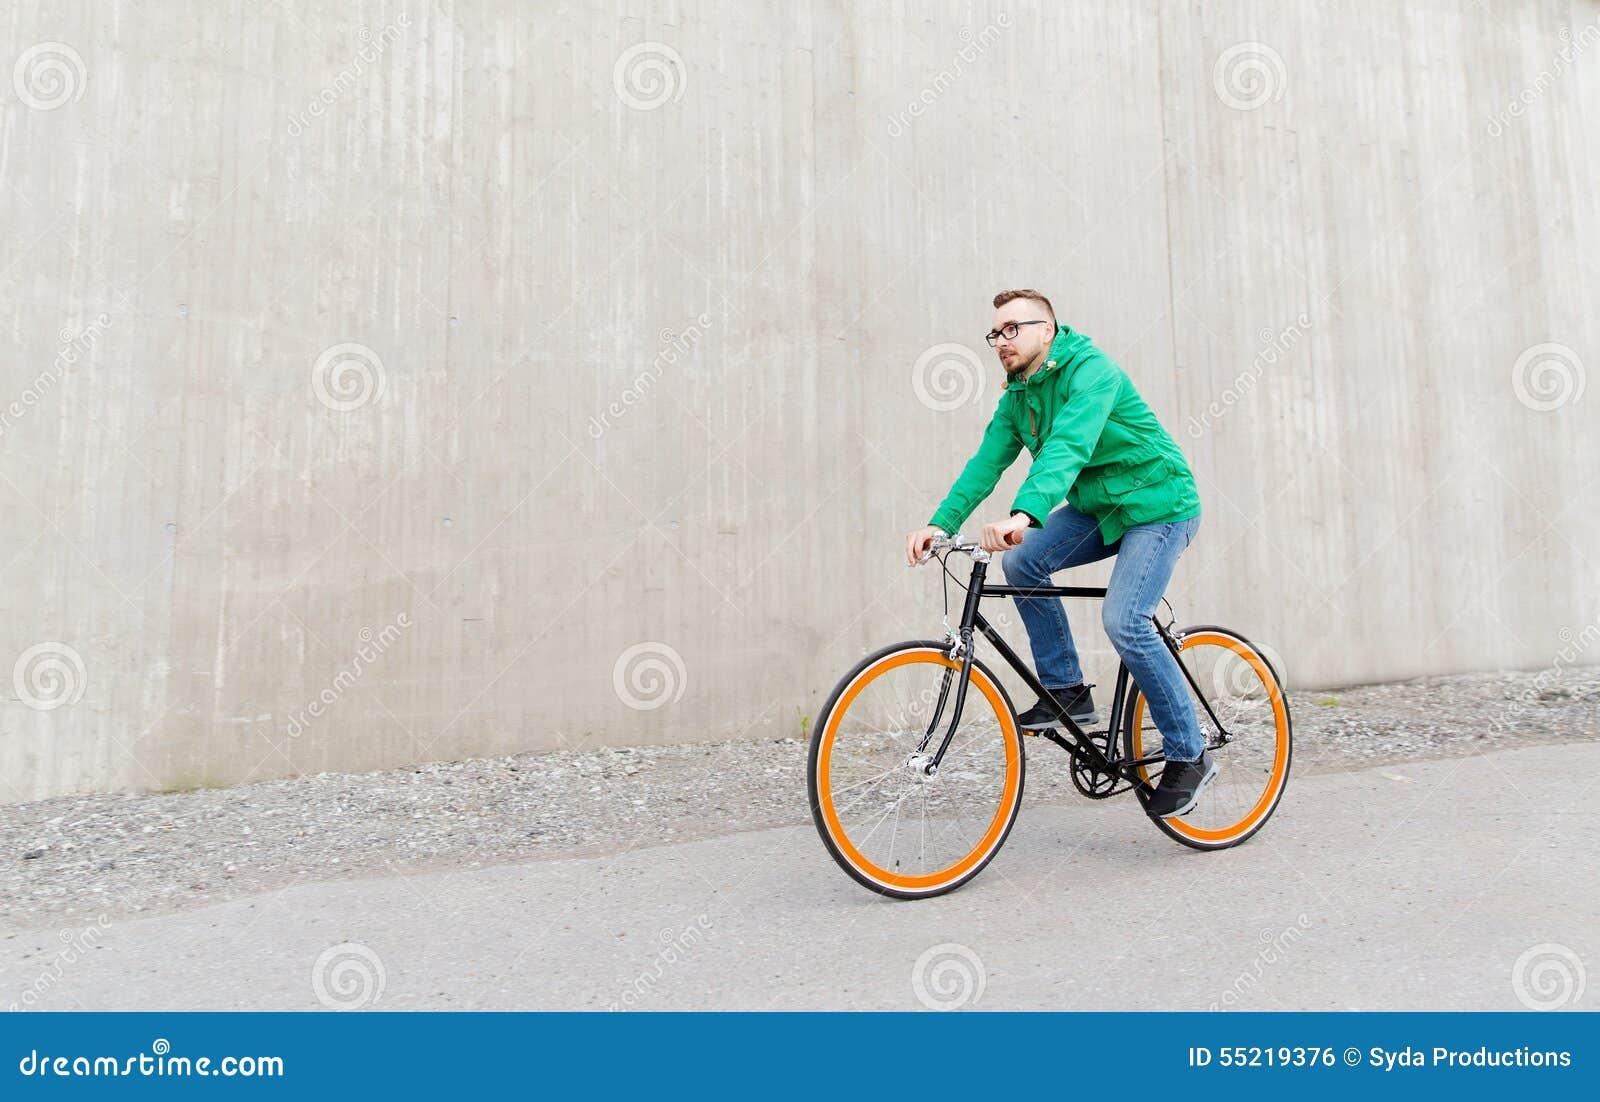 Vélo fixe de monte de vitesse de jeune homme heureux de hippie